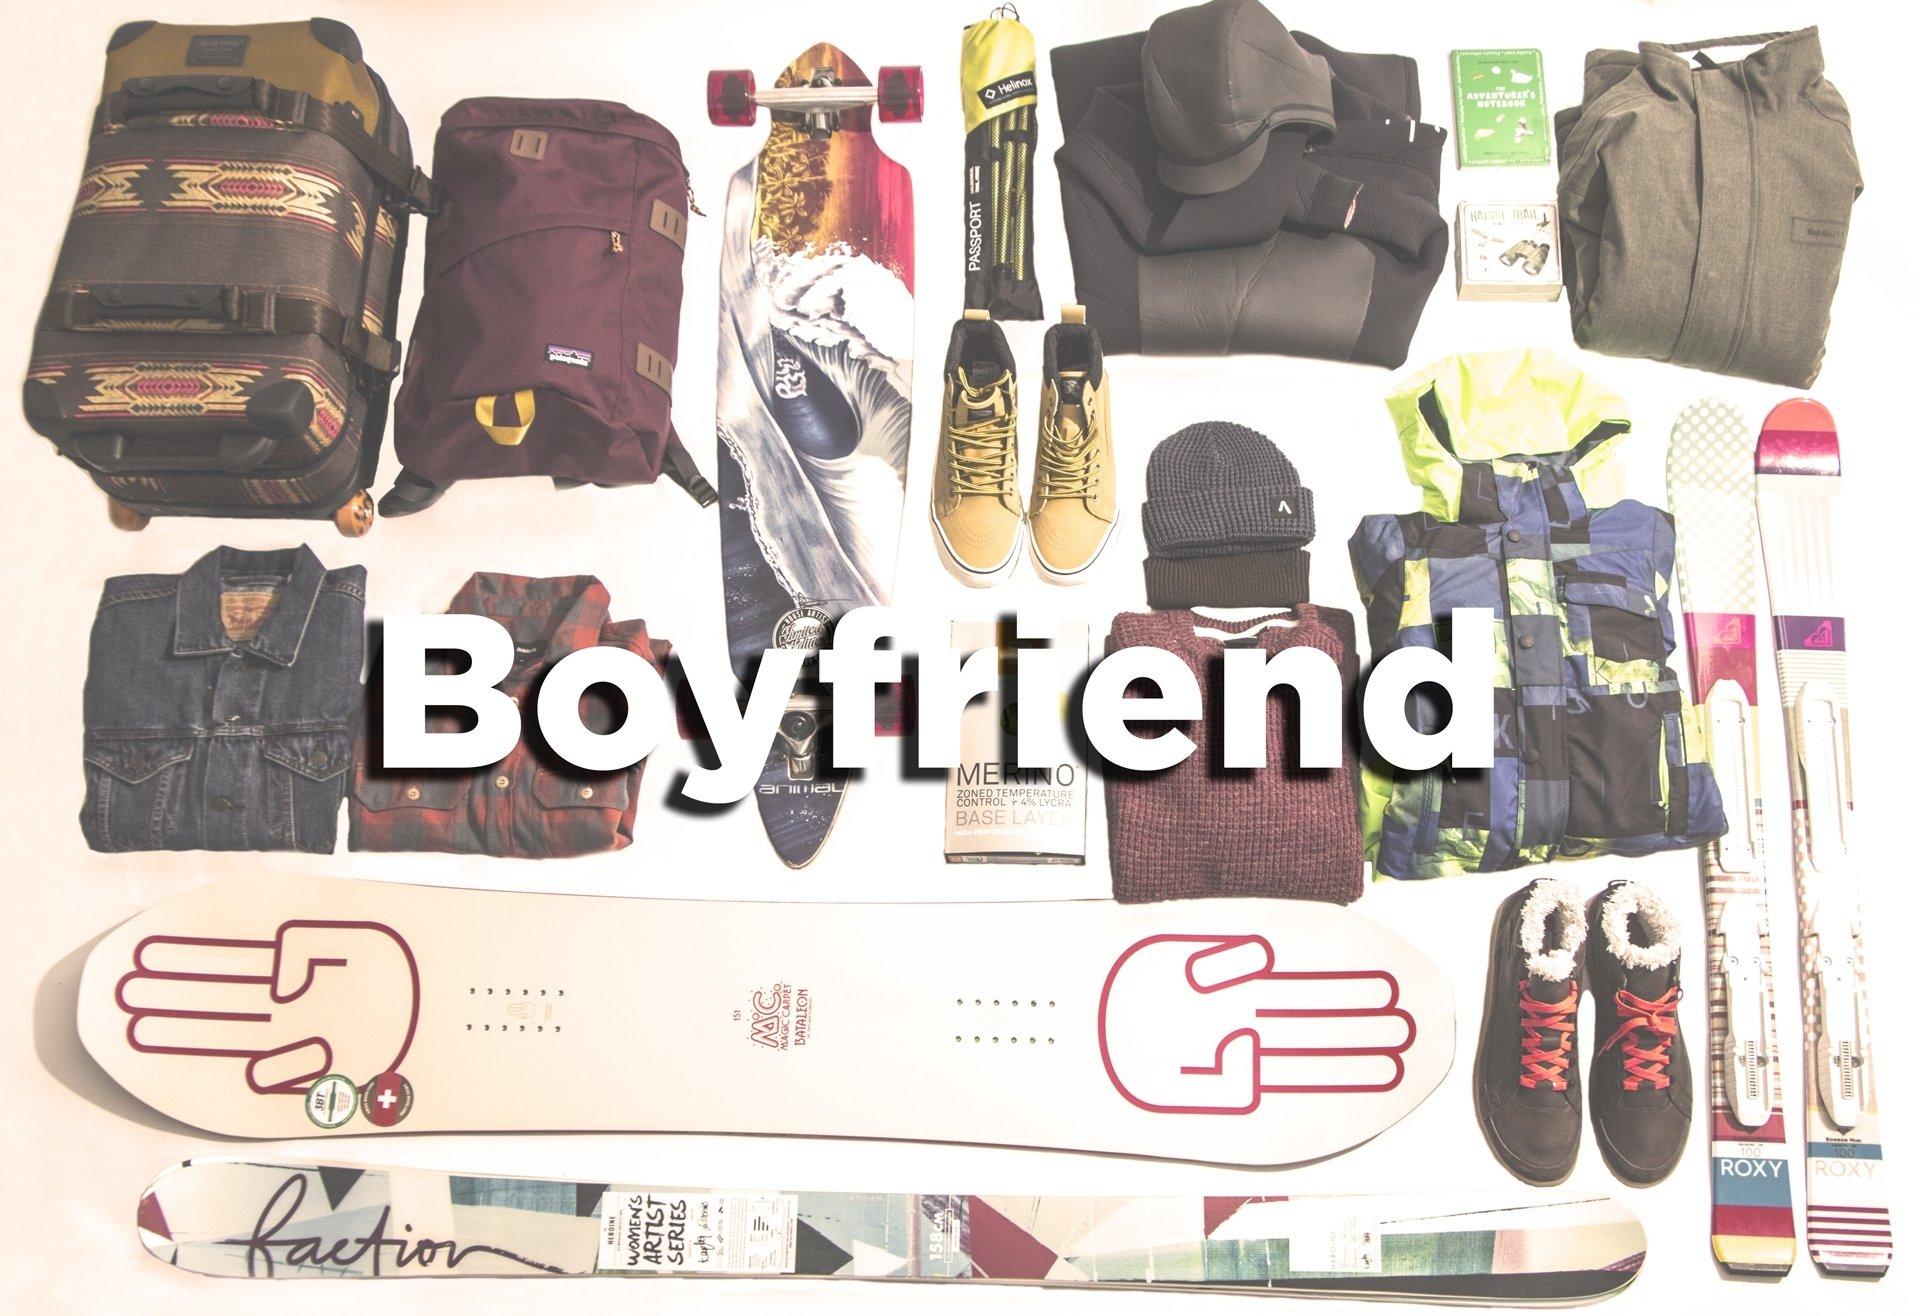 10 Most Popular Xmas Gift Ideas For Boyfriend christmas gift ideas for a boyfriend 15 great gifts 1 2021